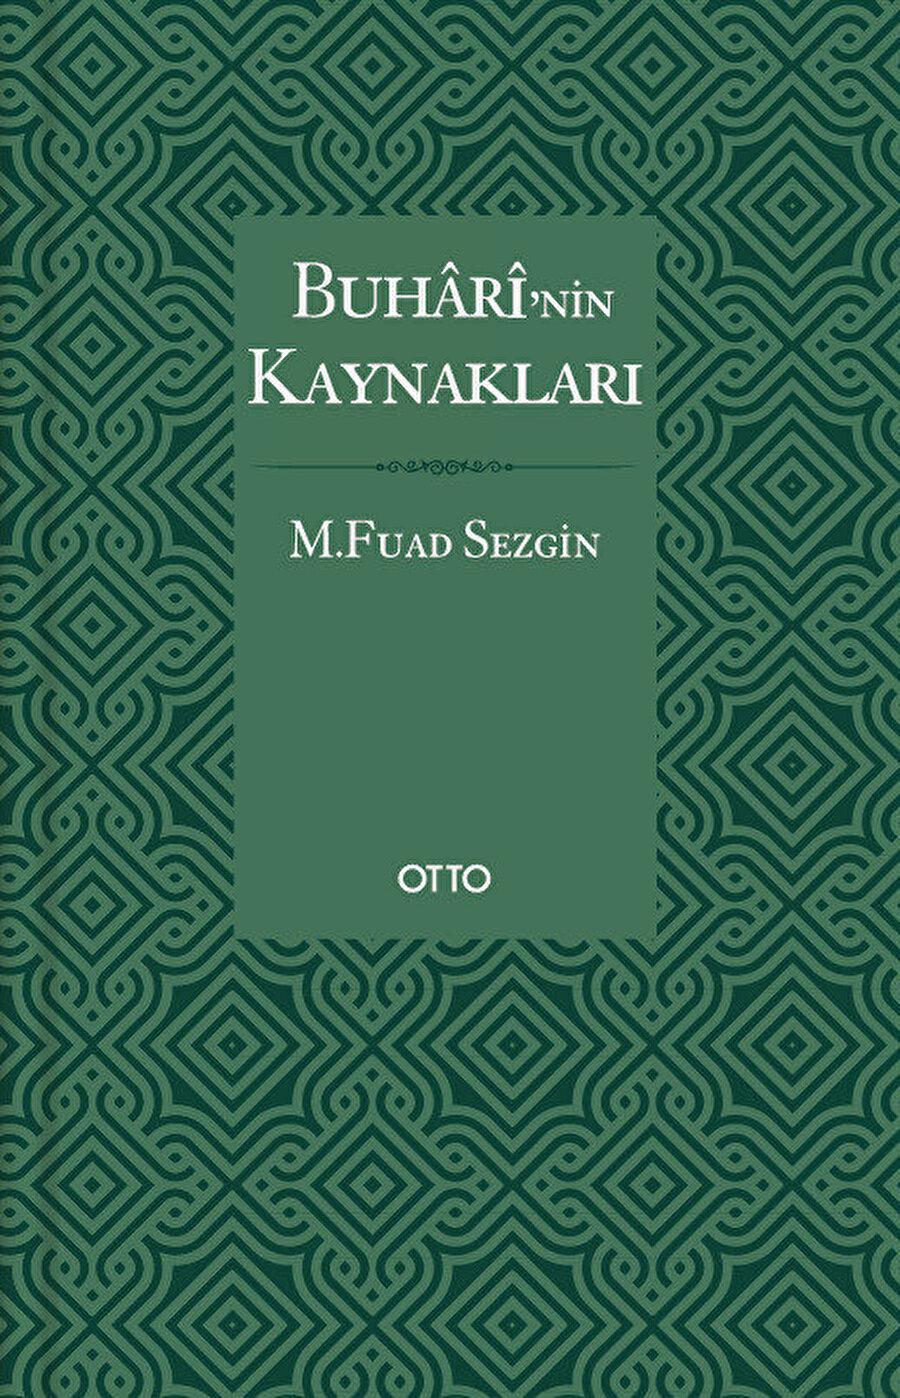 Fuat Sezgin'in, Buhârî'nin Kaynakları kitabı, oryantalistlerin hadis alanındaki çalışmalarına karşı yapılan önemli bir itirazdır.